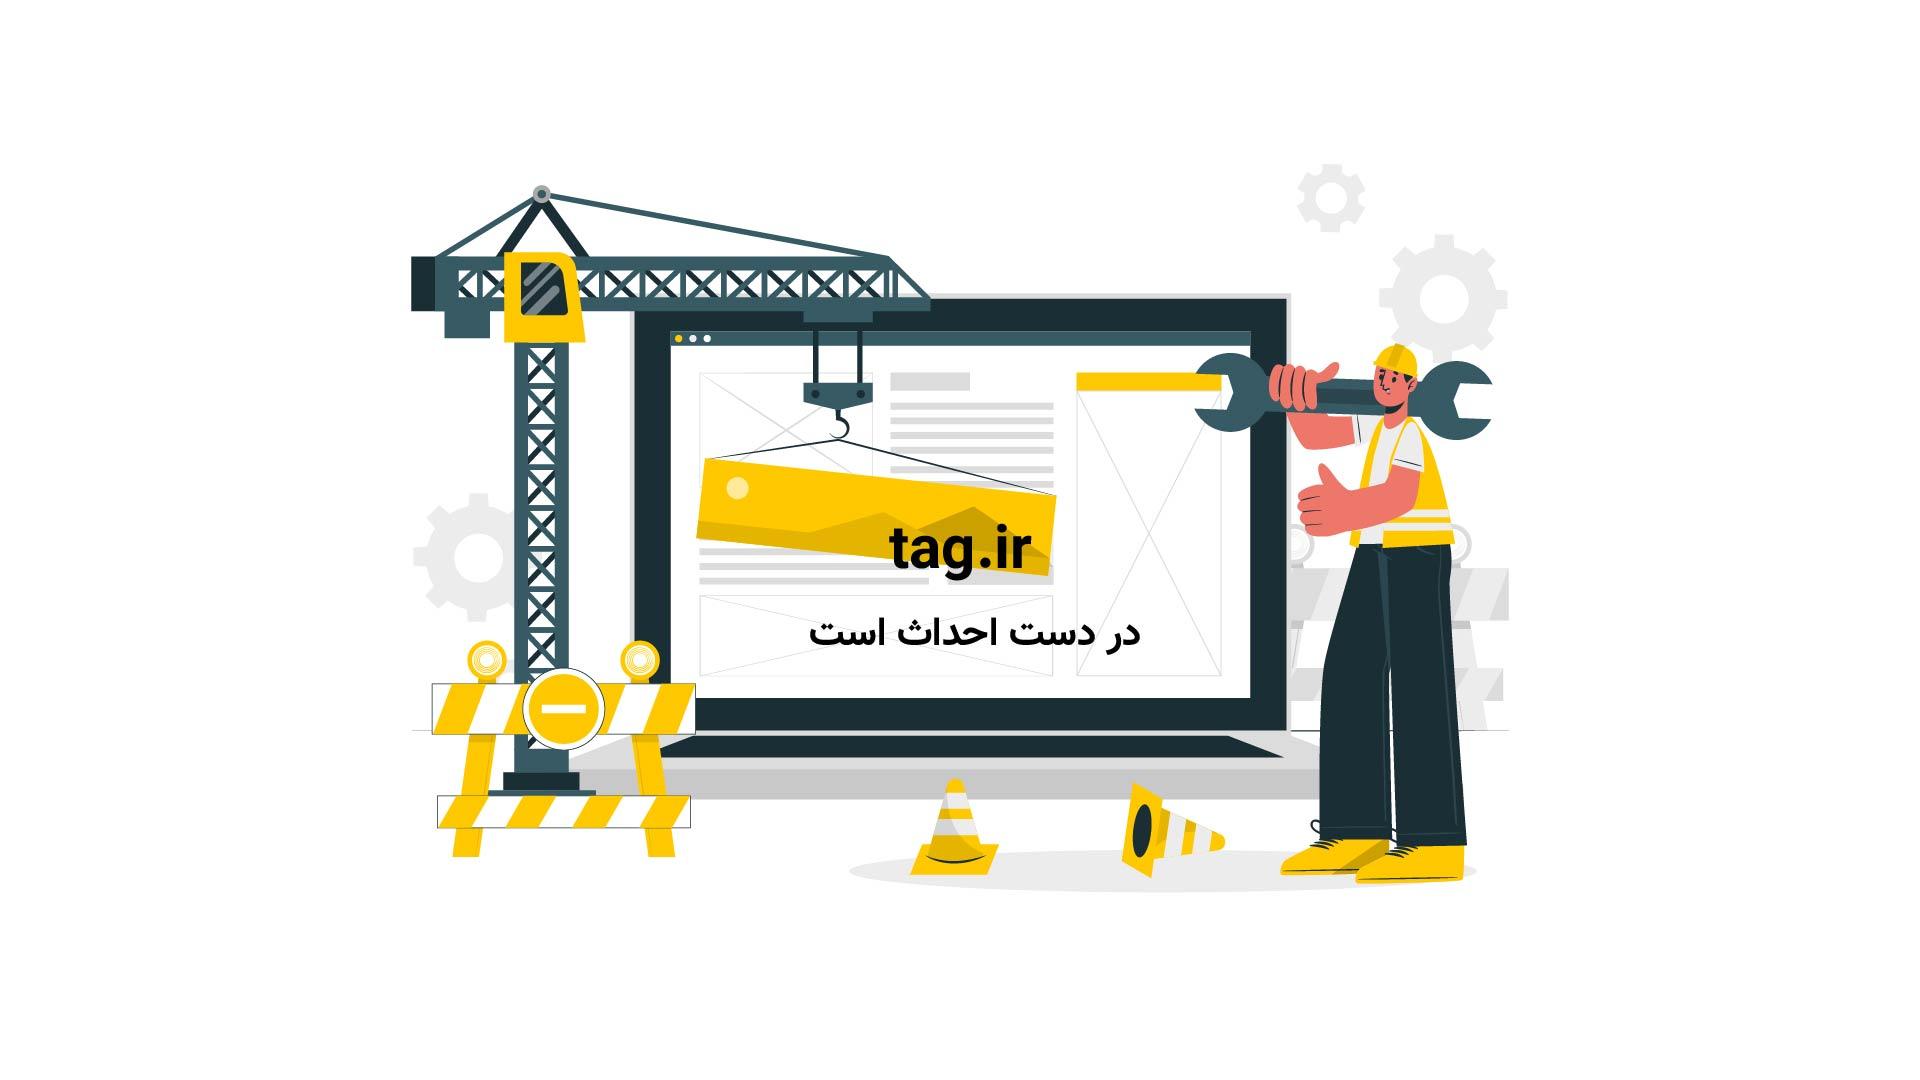 فیلم رقص رکوردشکن 1007 ربات در چین